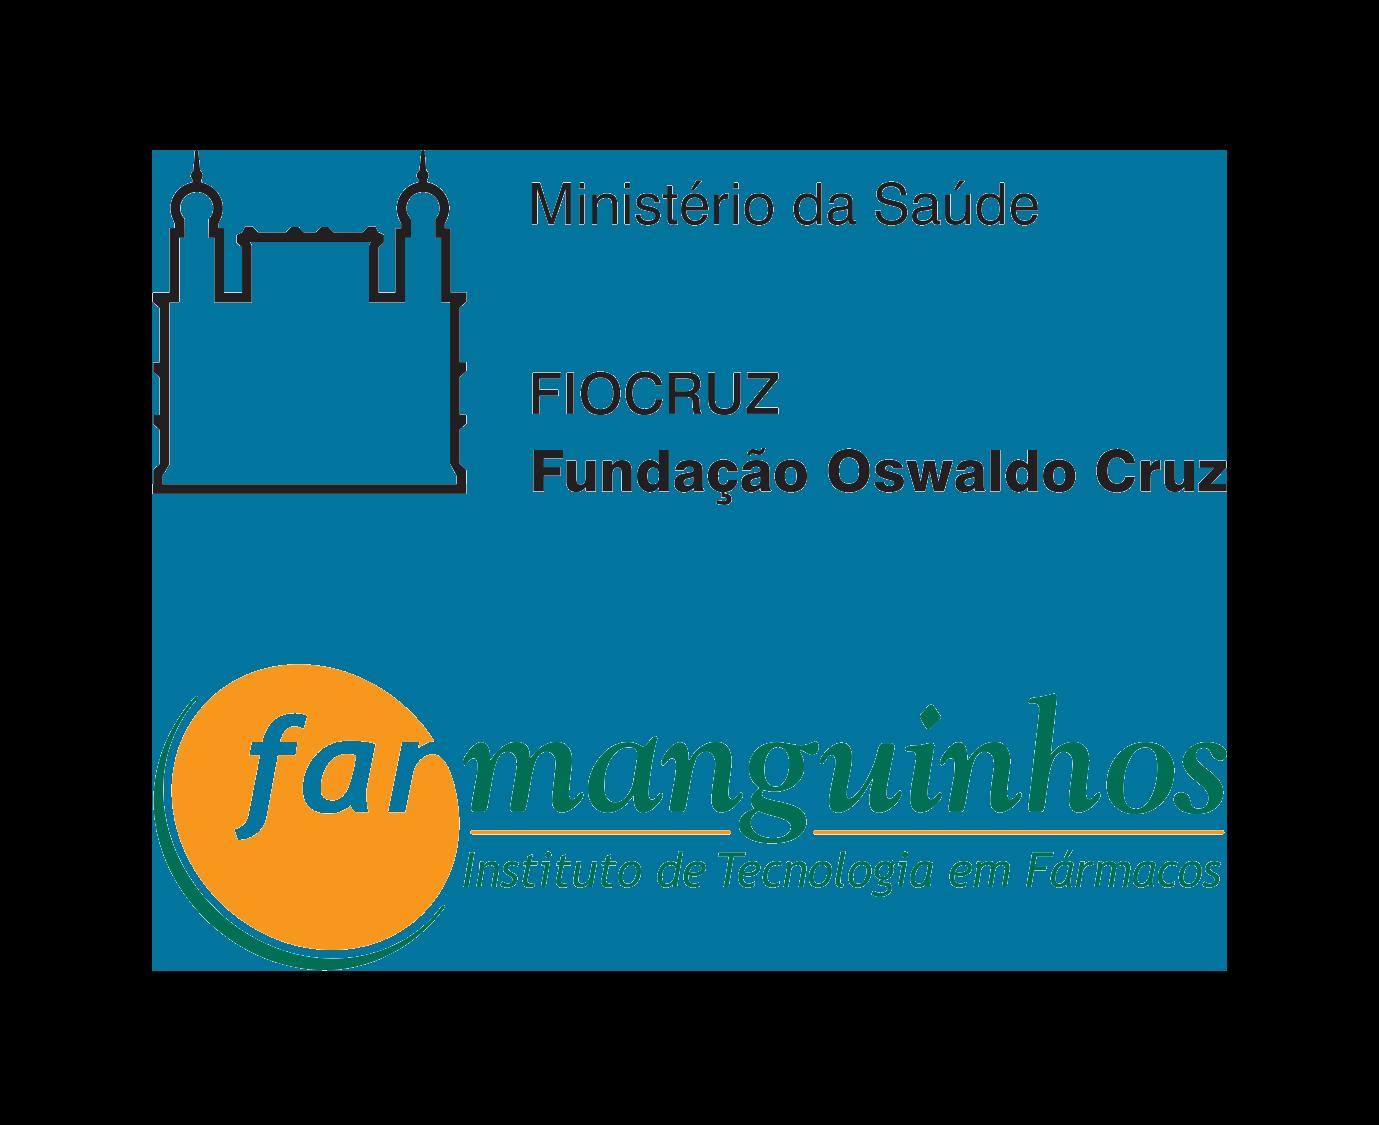 Farmanguinhos_Oswaldo Cruz Foundation_Ministry of Health Brazil.png